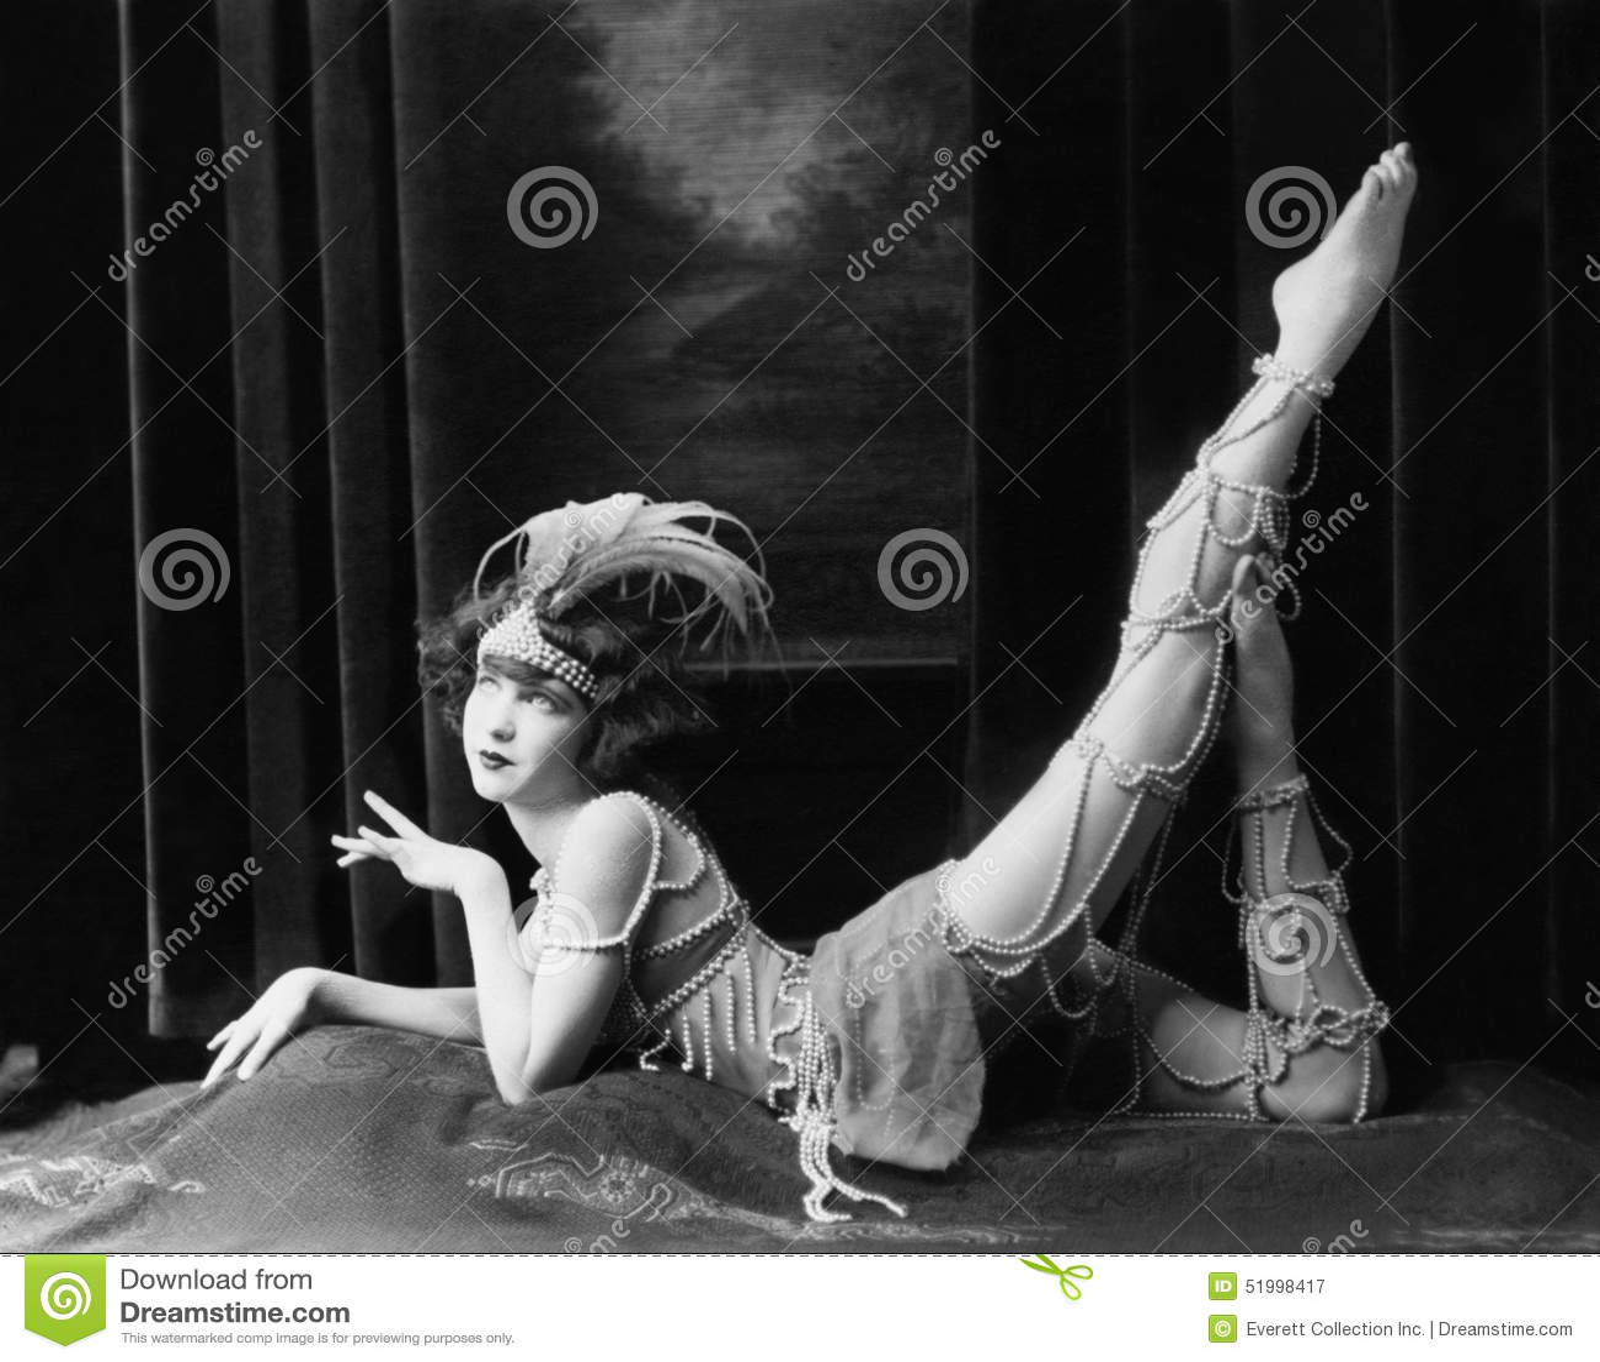 Het Bored danser stellen in gepareld kostuum (Alle afgeschilderde personen leven niet langer en geen landgoed bestaat Leverancier